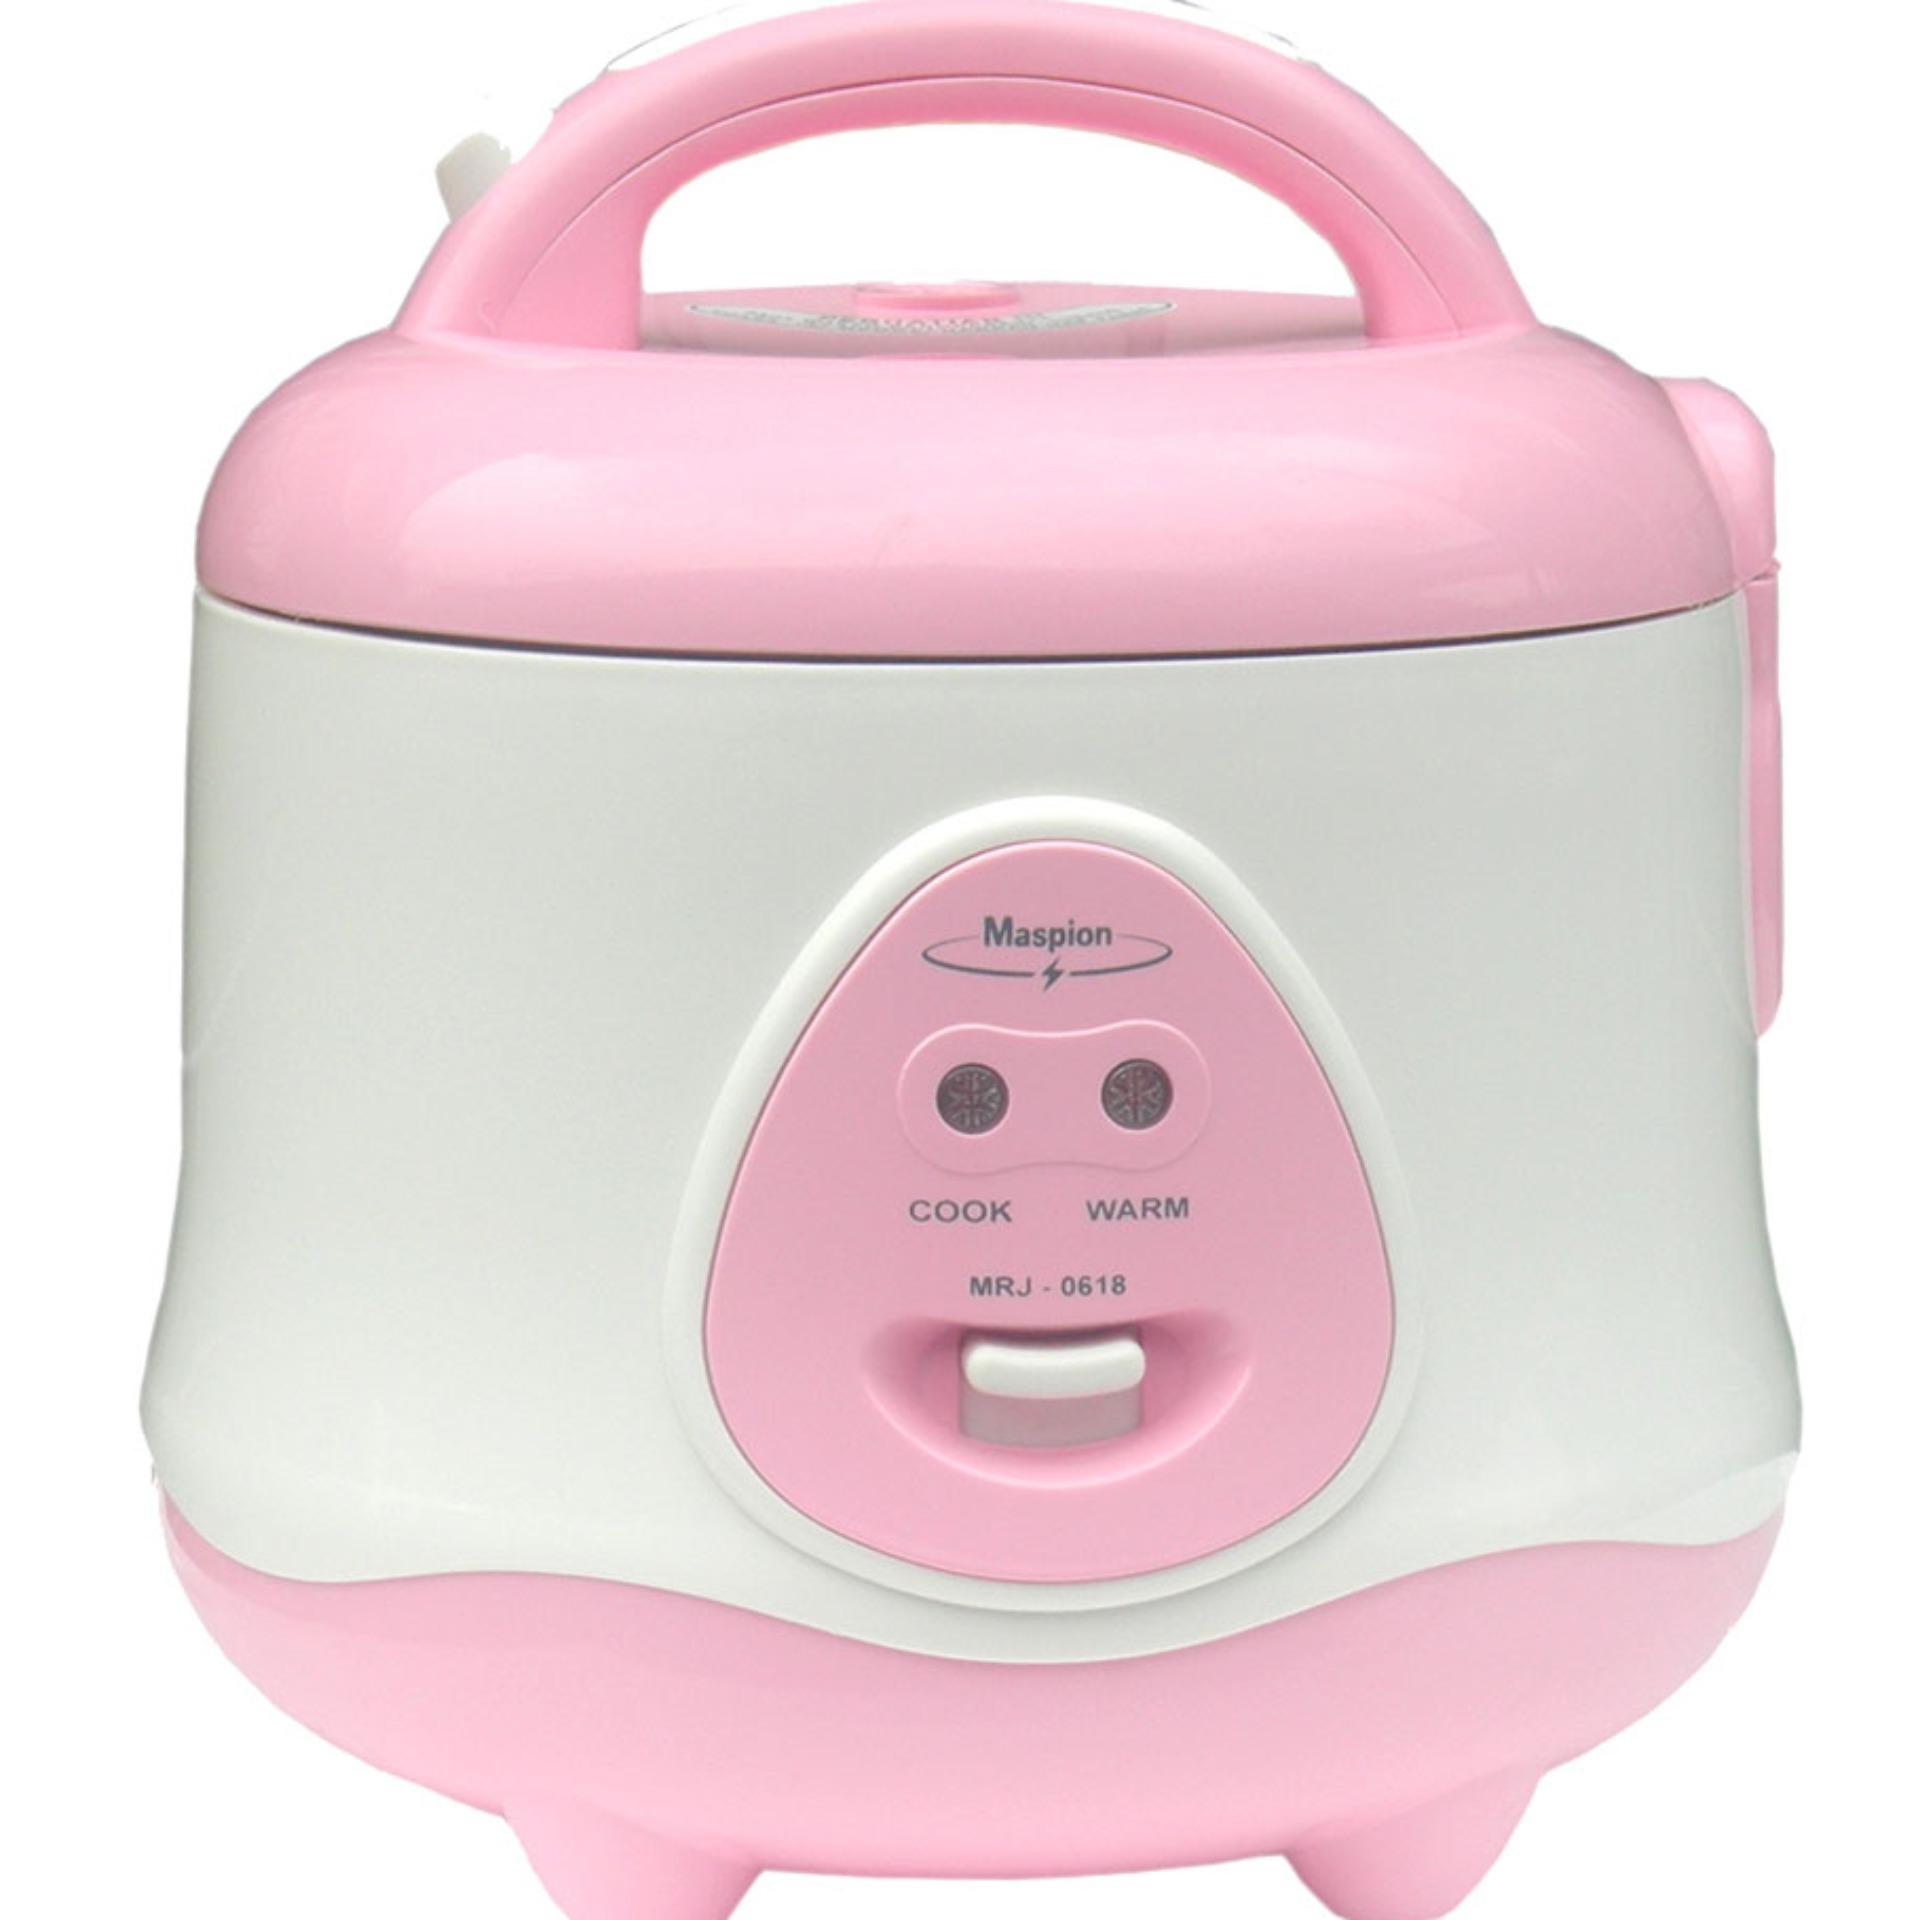 Maspion Rice Cooker Mini 0.8 Liter 3 in 1 - EX0618 - FREE ONGKIR Jabodetabek